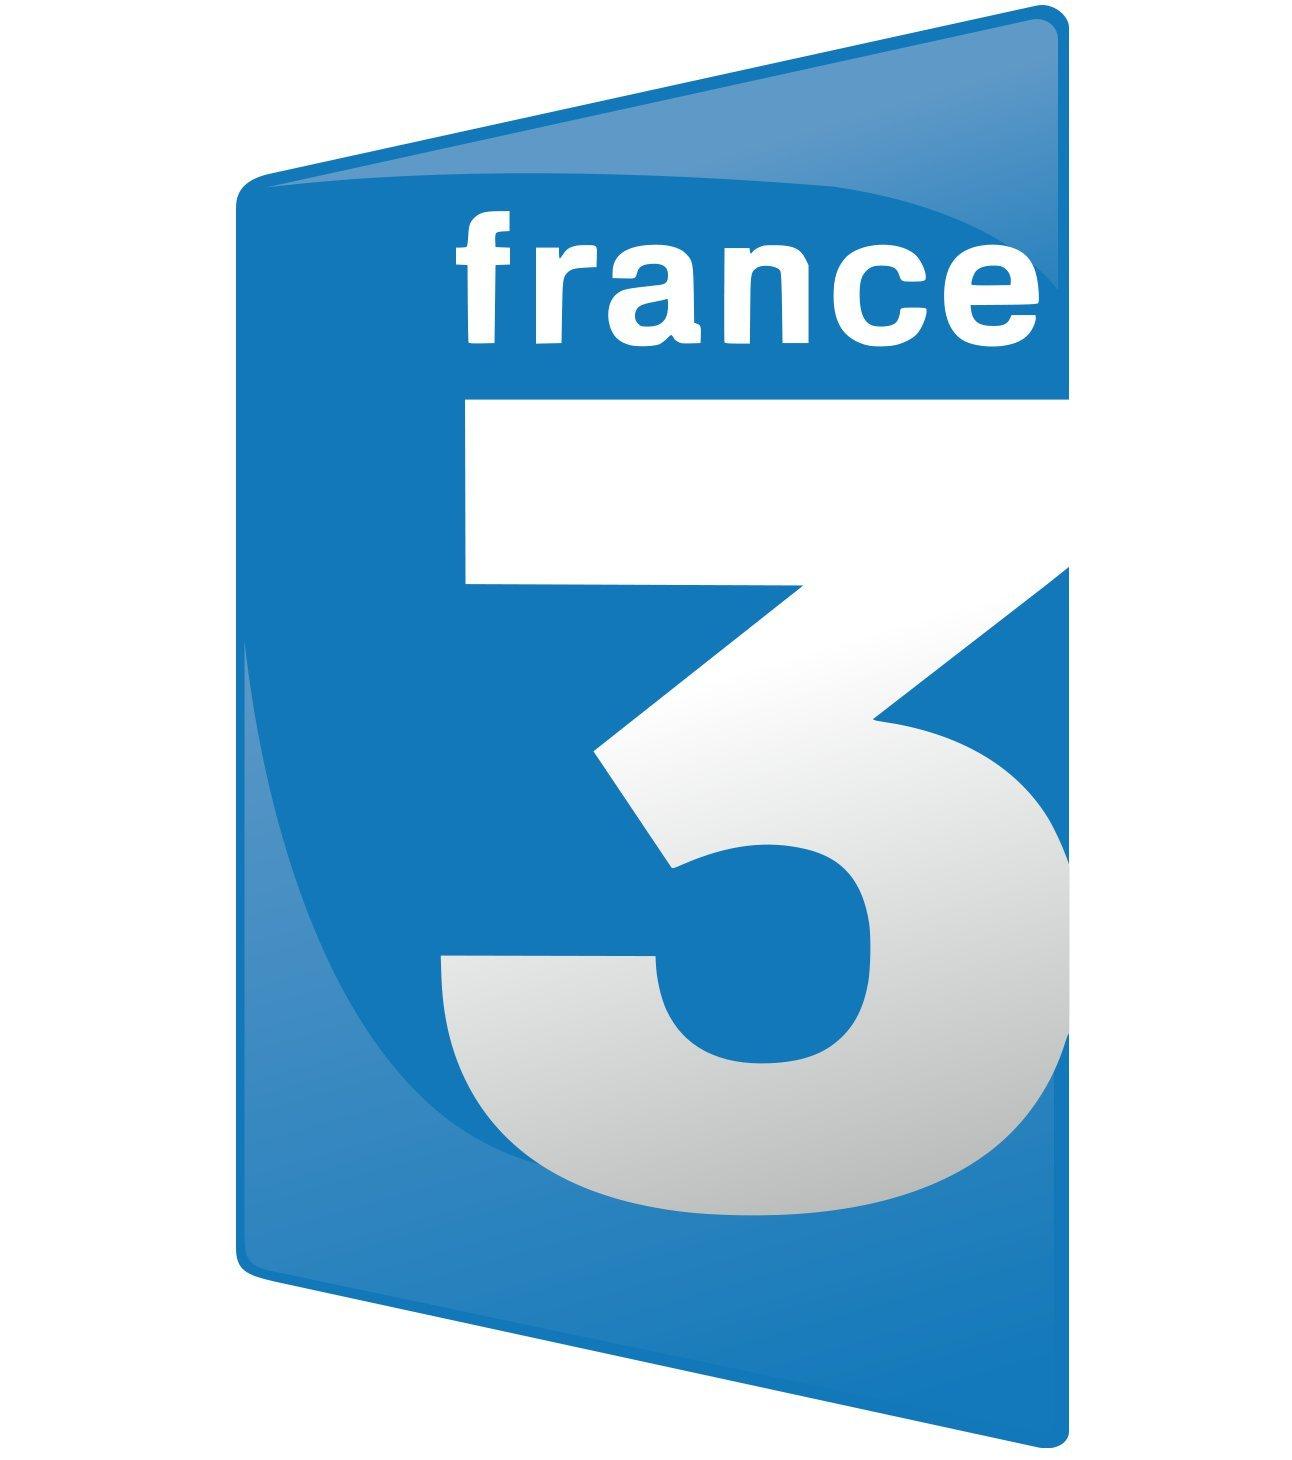 logo-france-3.jpg